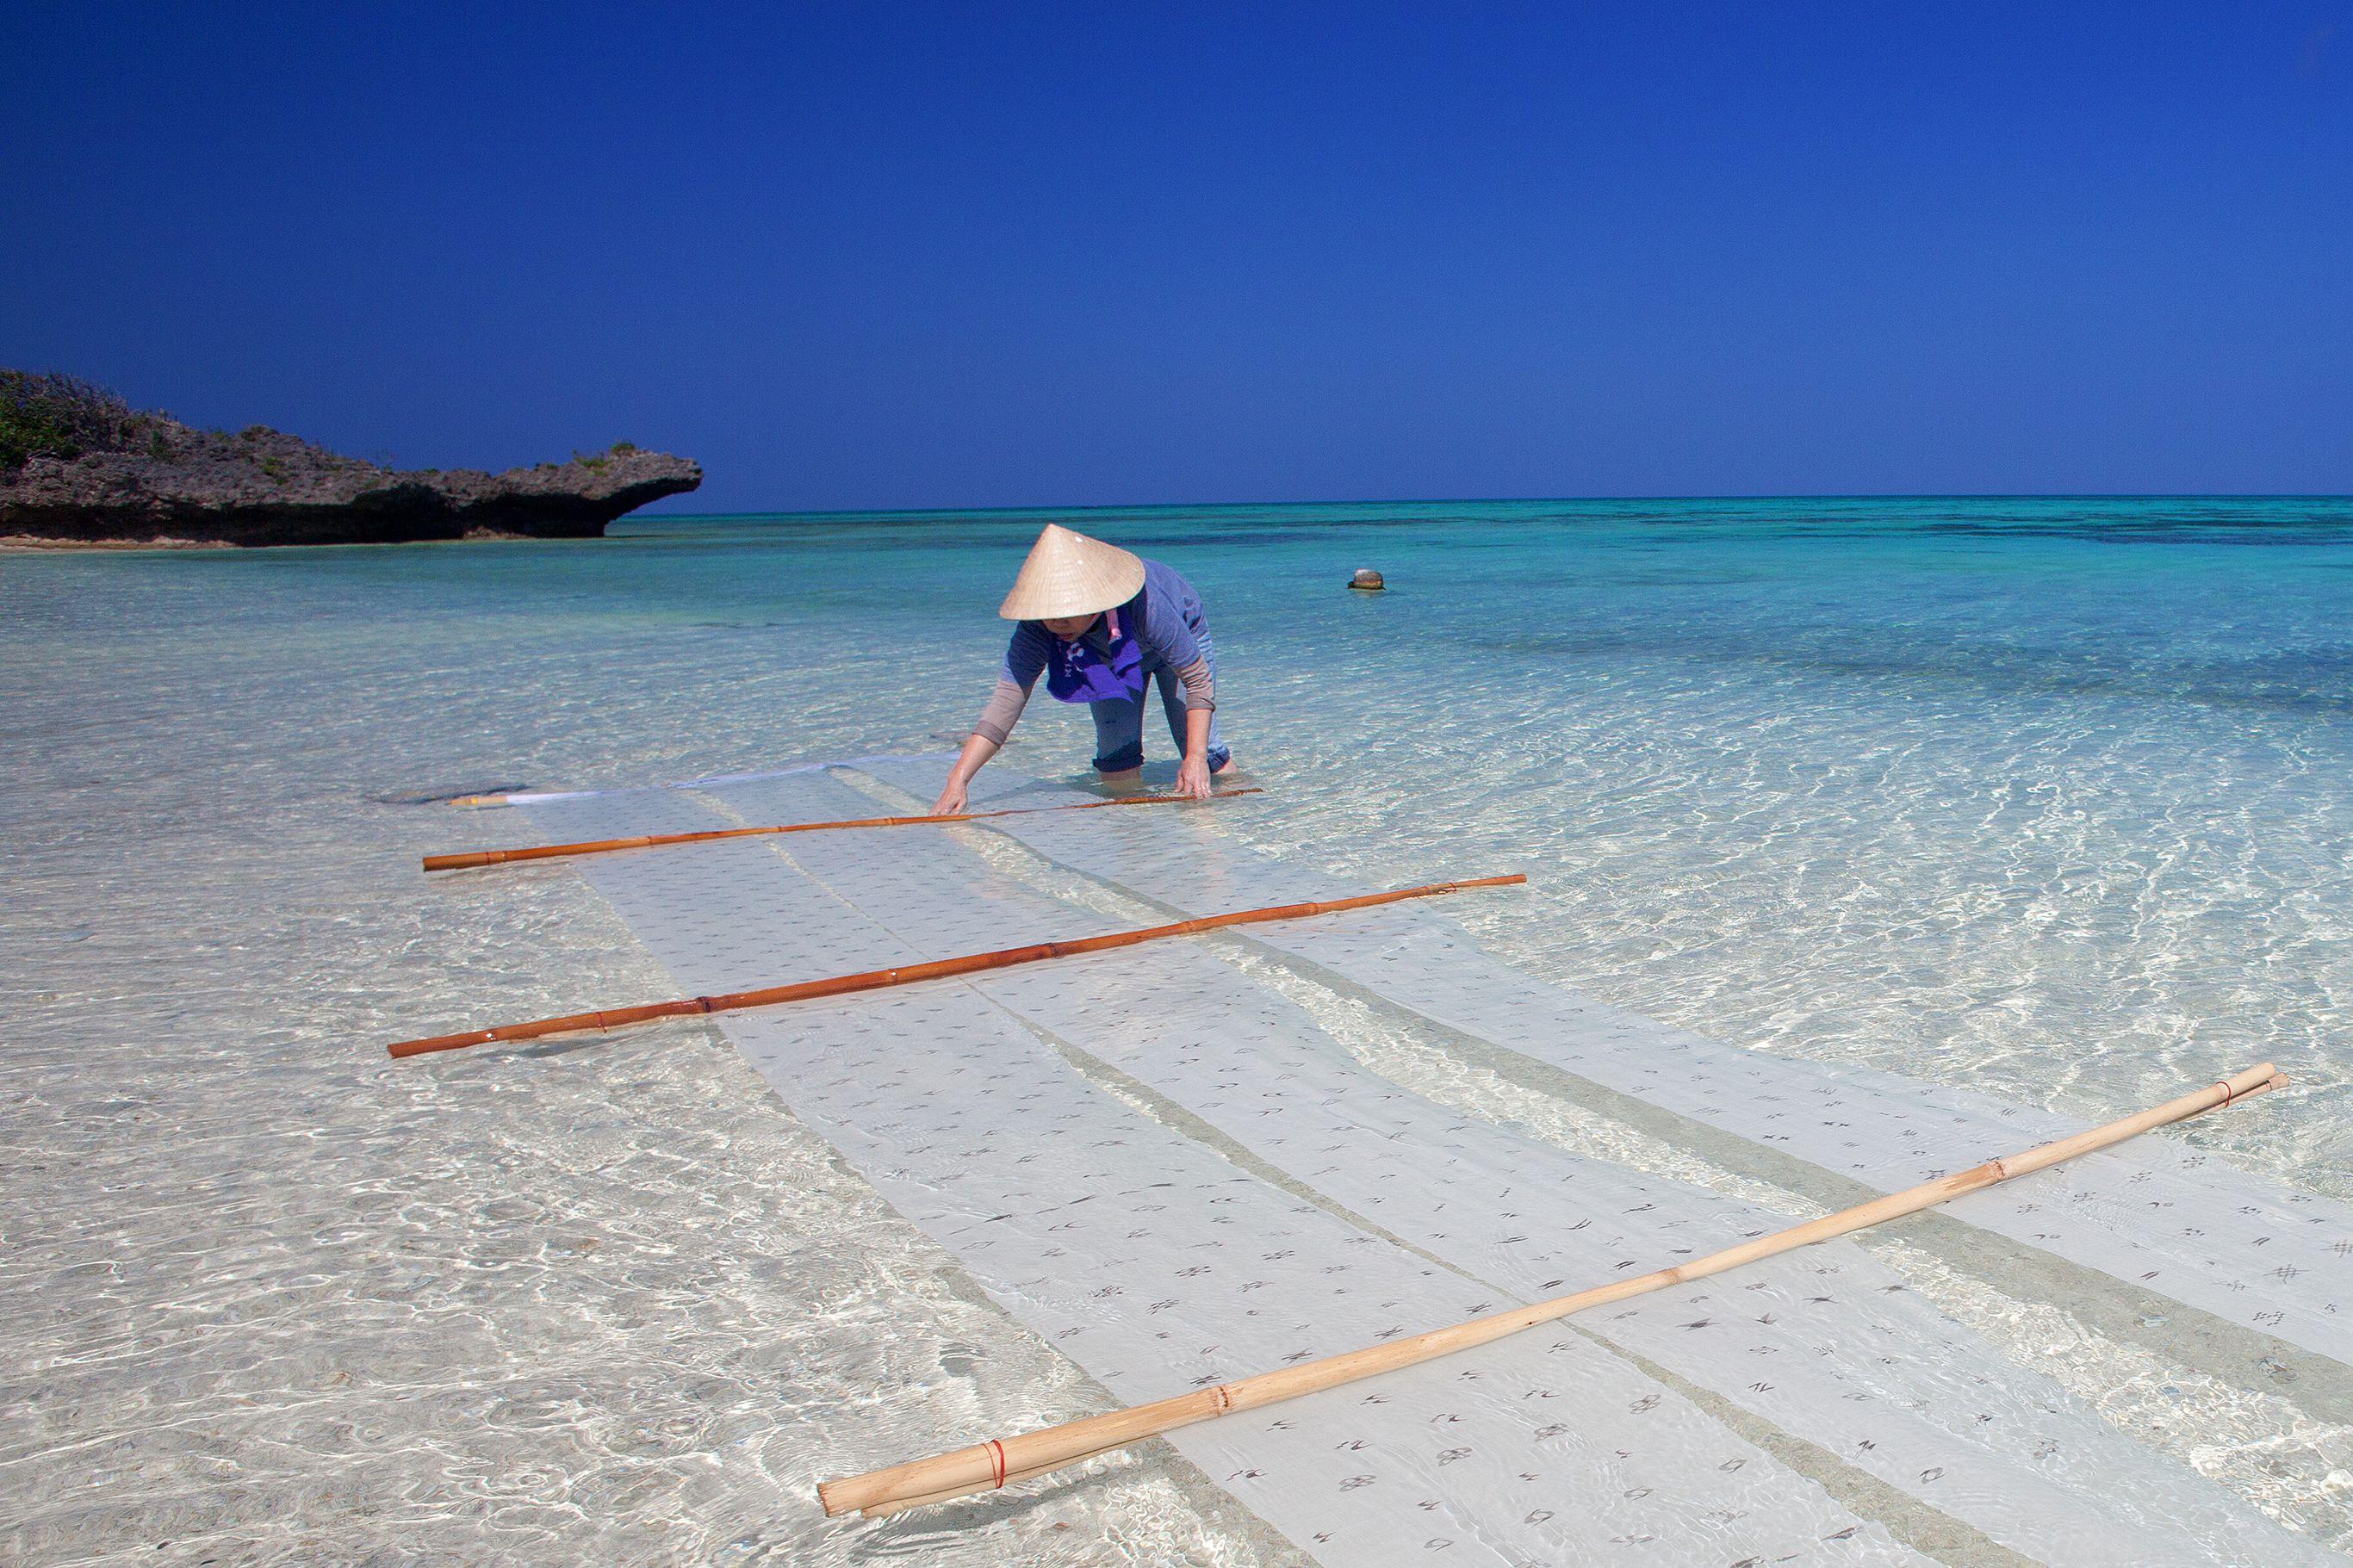 八重山上布の海晒し。海水と太陽の光に晒された布は白さを増す。